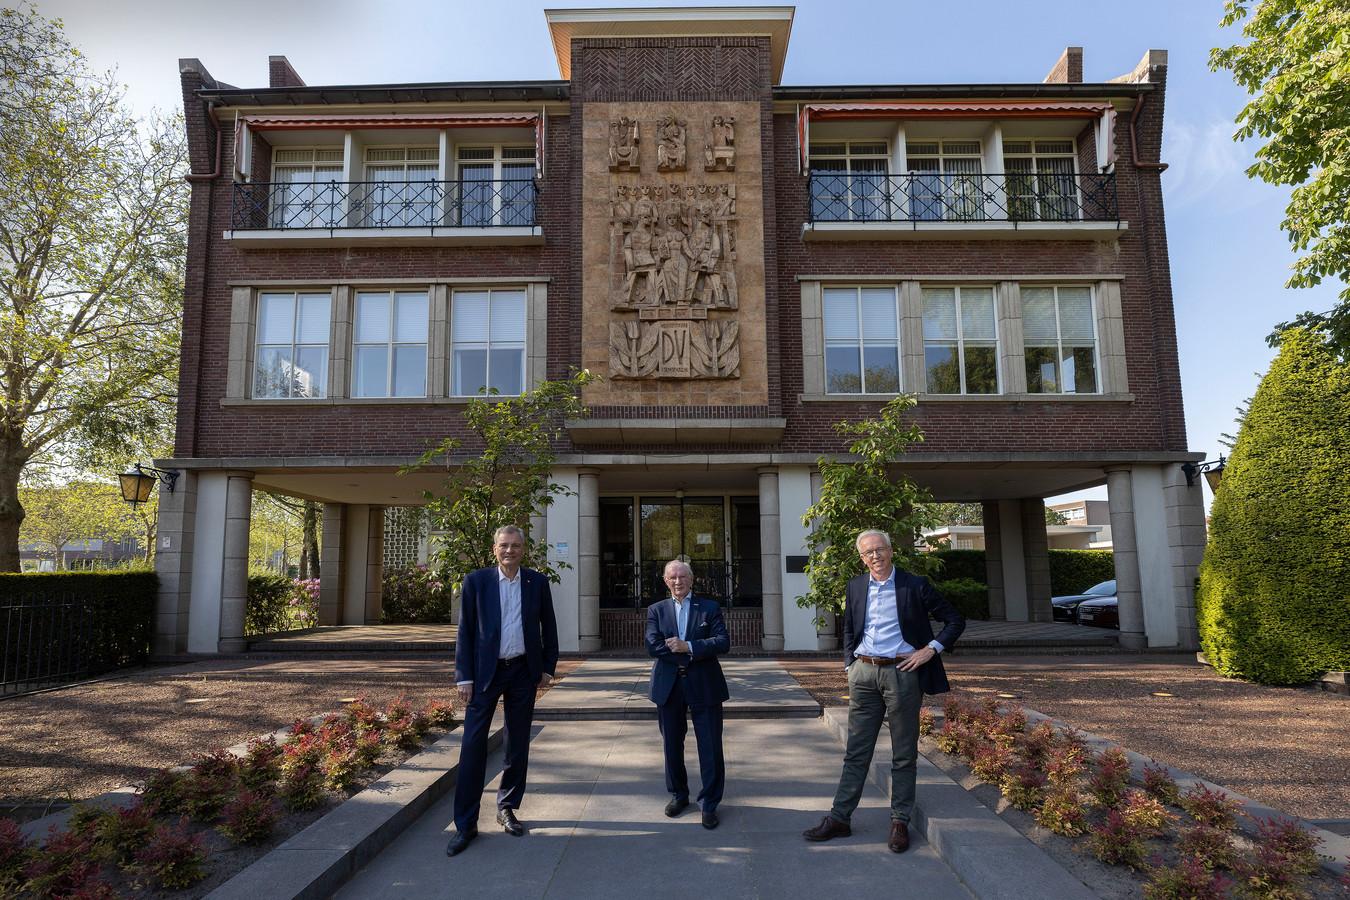 Eric van Schagen, Peter-Louis Vrijdag en Henk Nota (van links naar rechts) voor het gebouw van het 116-jarige Vrijdag Premium Printing in Eindhoven.